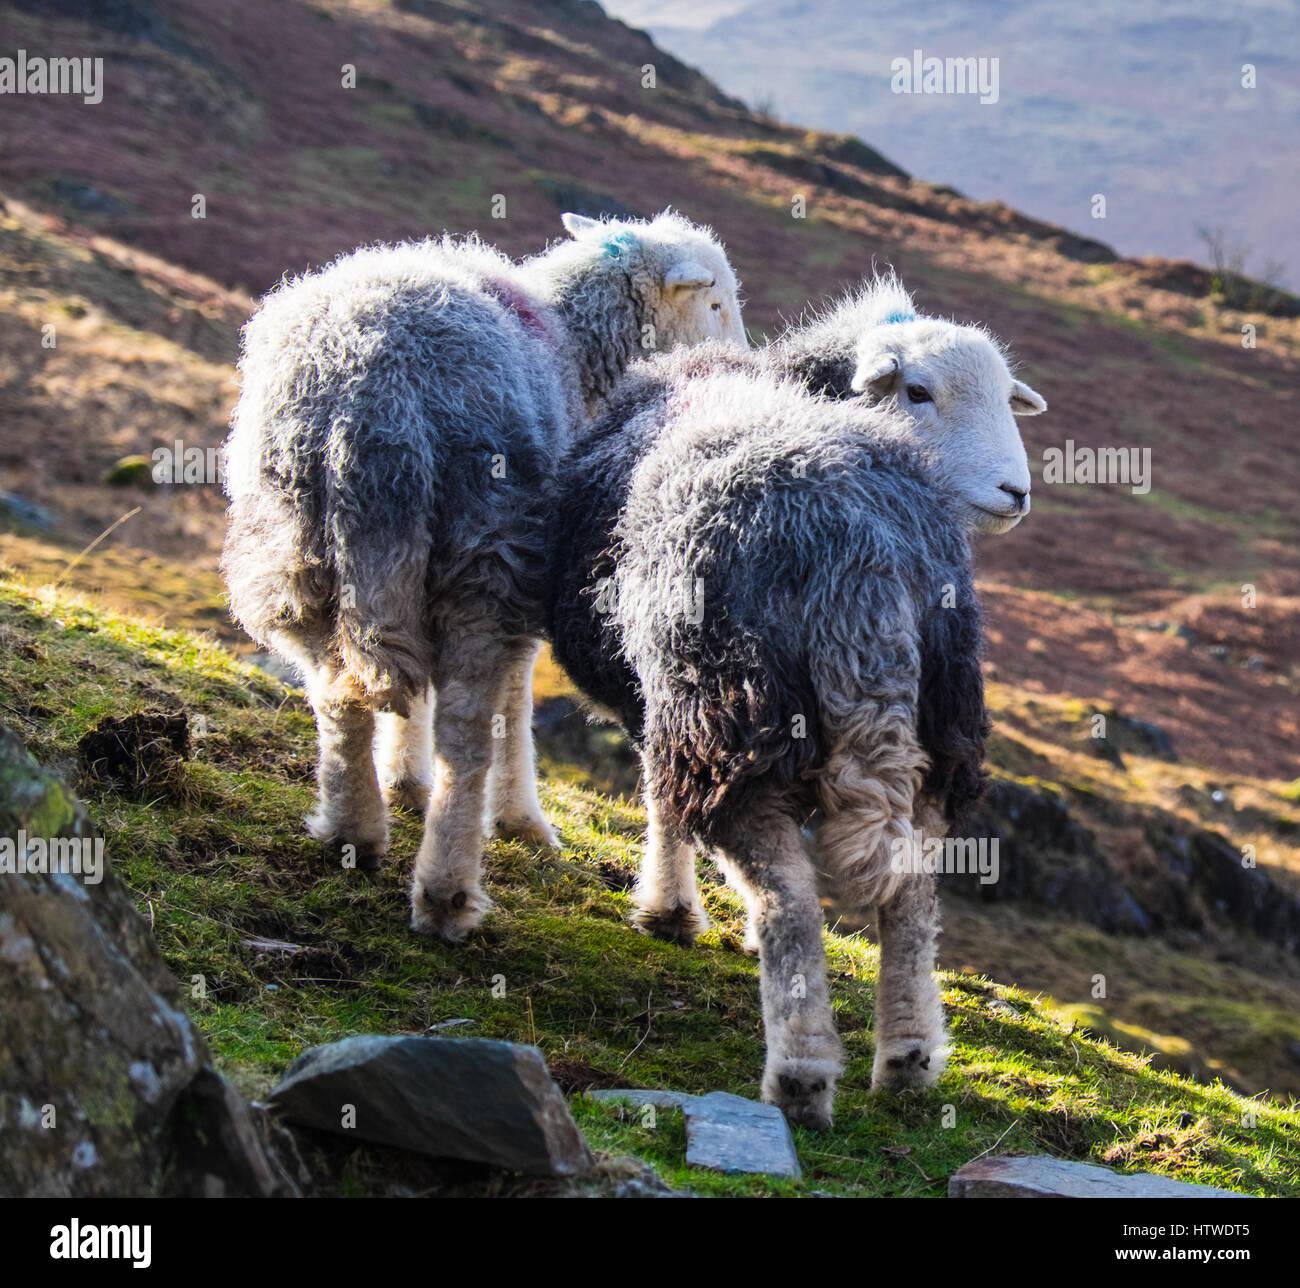 Herdwick sheep - Stock Image